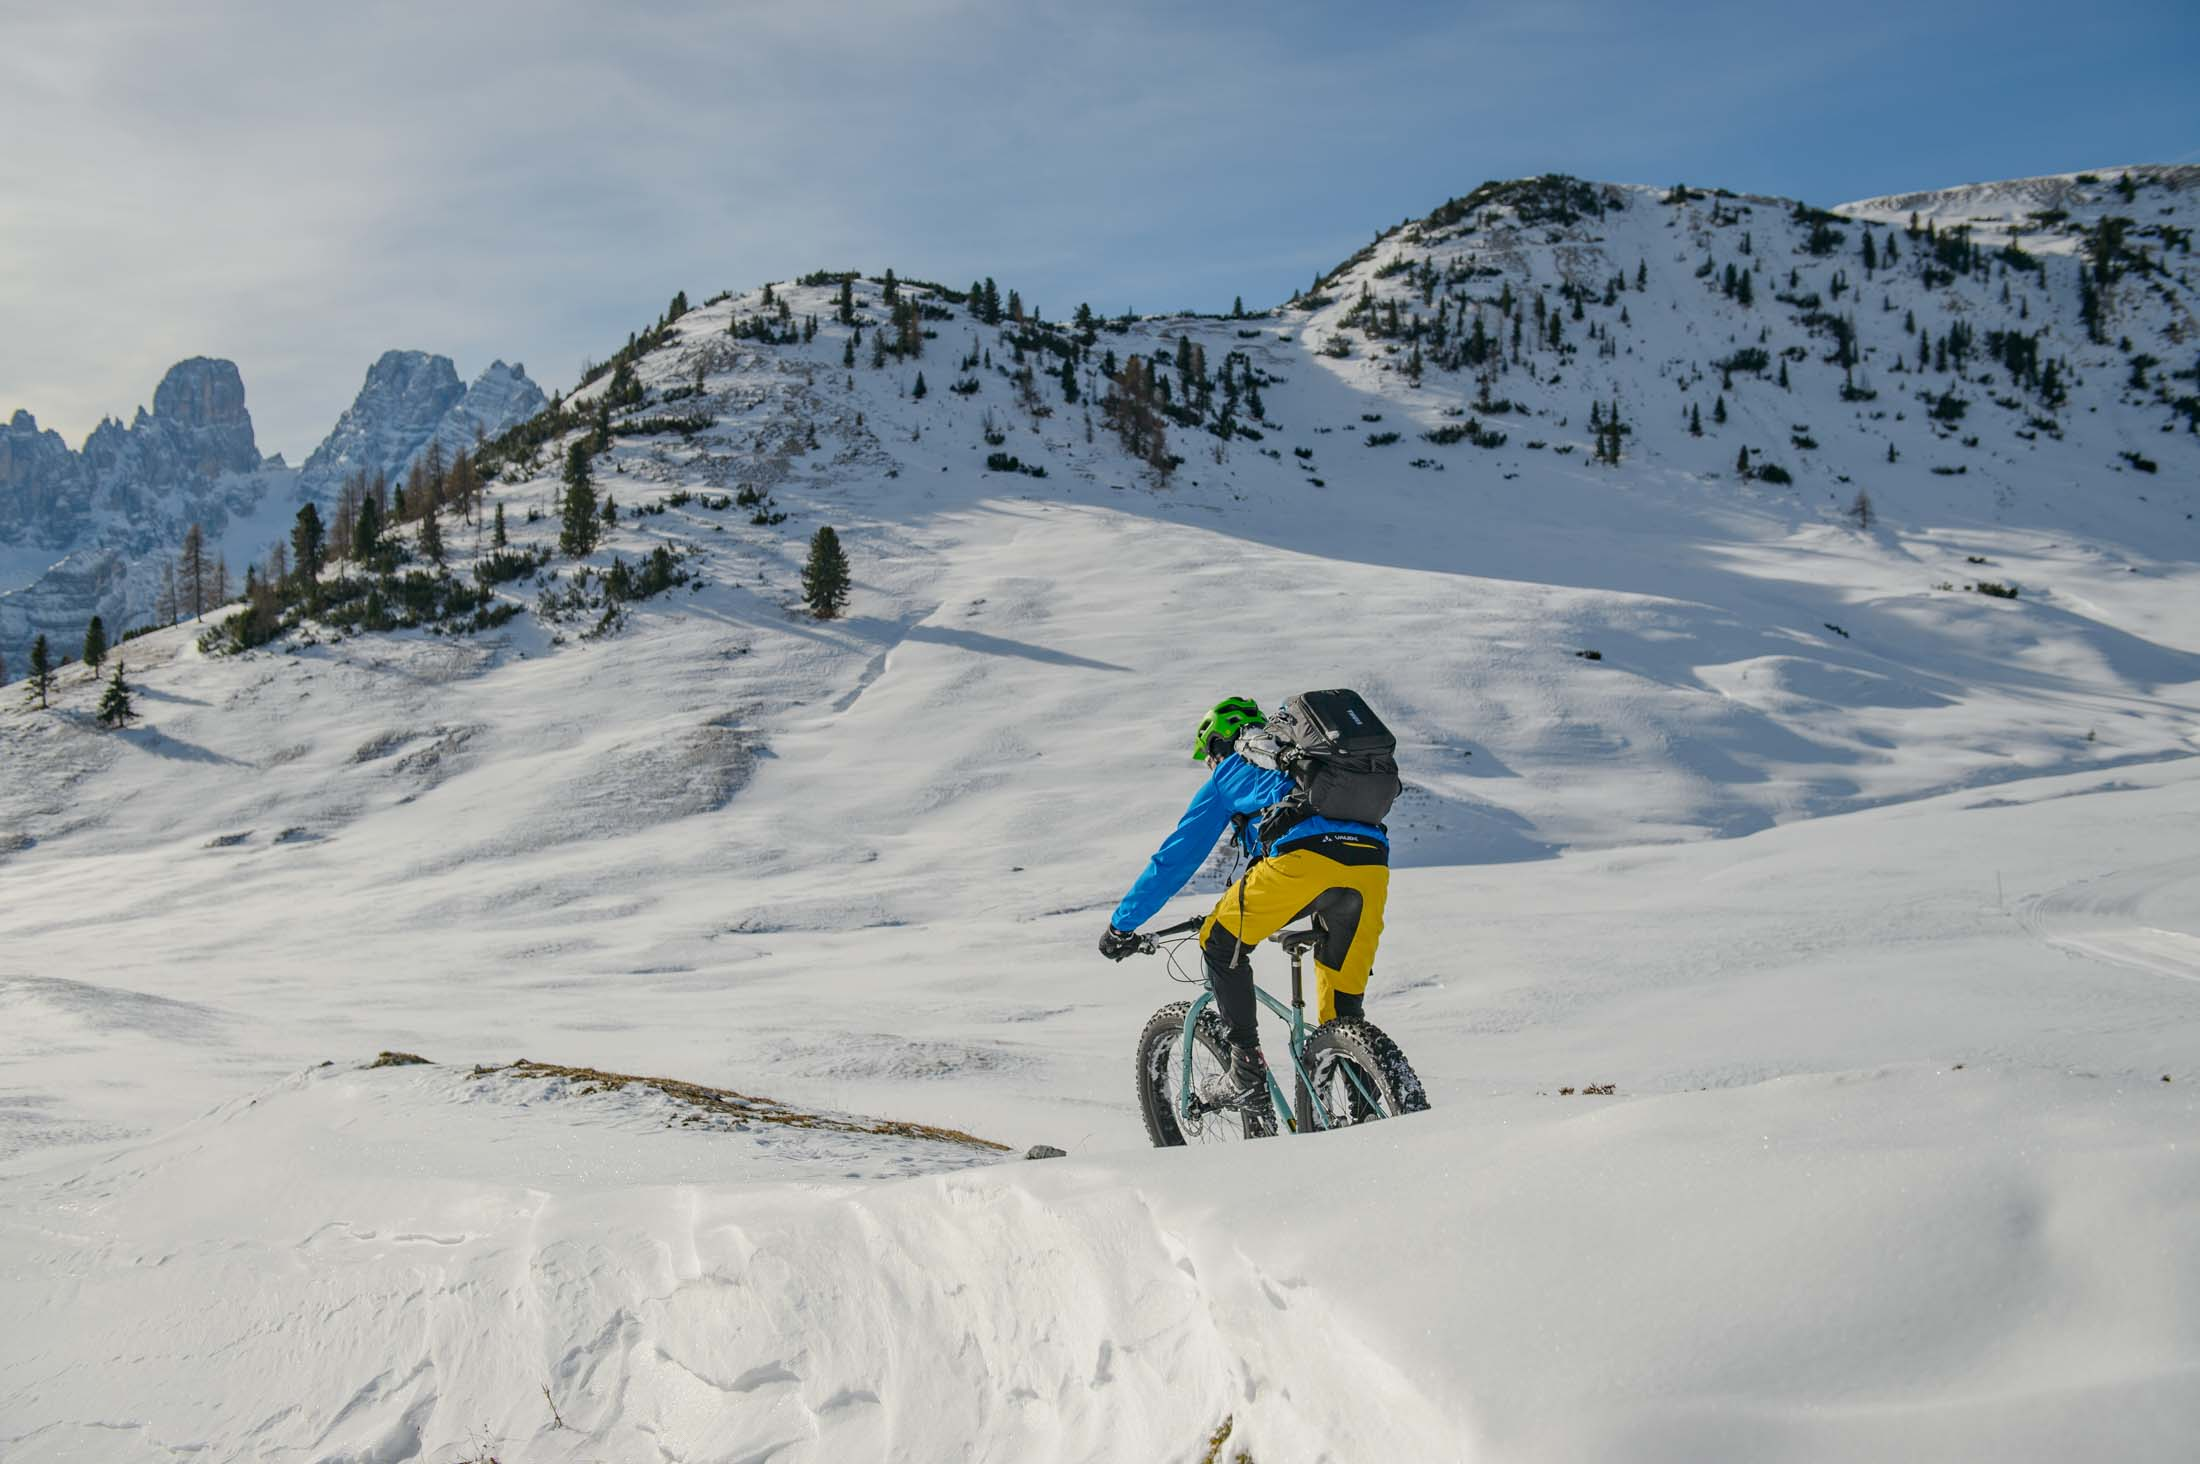 Eindeloos genieten in de sneeuw op je fatbike